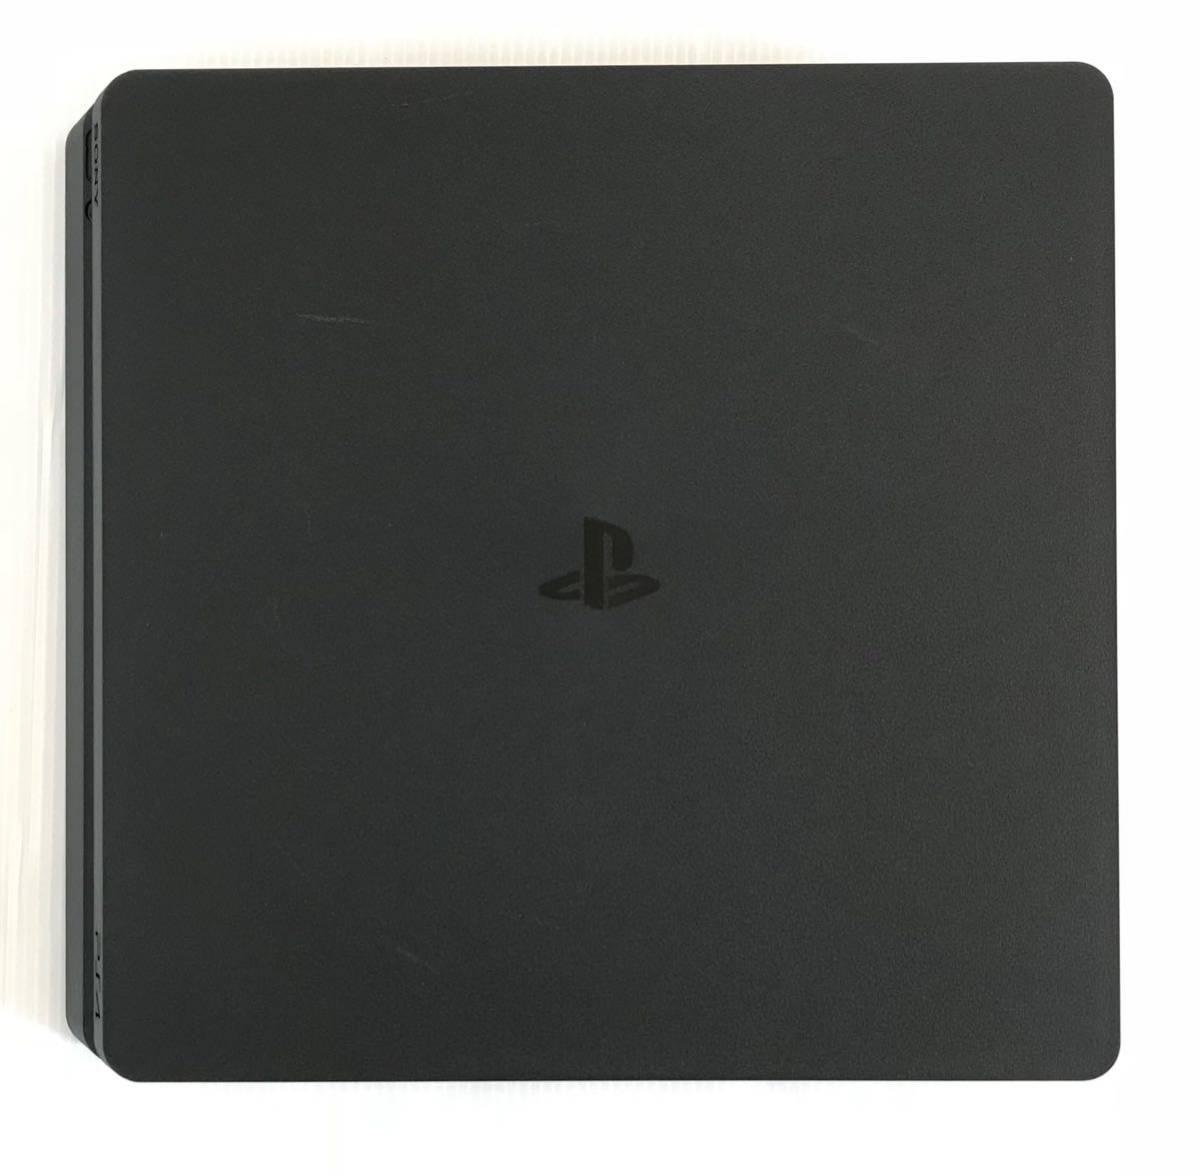 1円スタート ☆ PS4 500GB 黒 CUH-2000A ジェット ブラック 本体 電源コード HDMI USB 箱付き 動作確認済み 動作良好品 SONY プレステ4_画像2